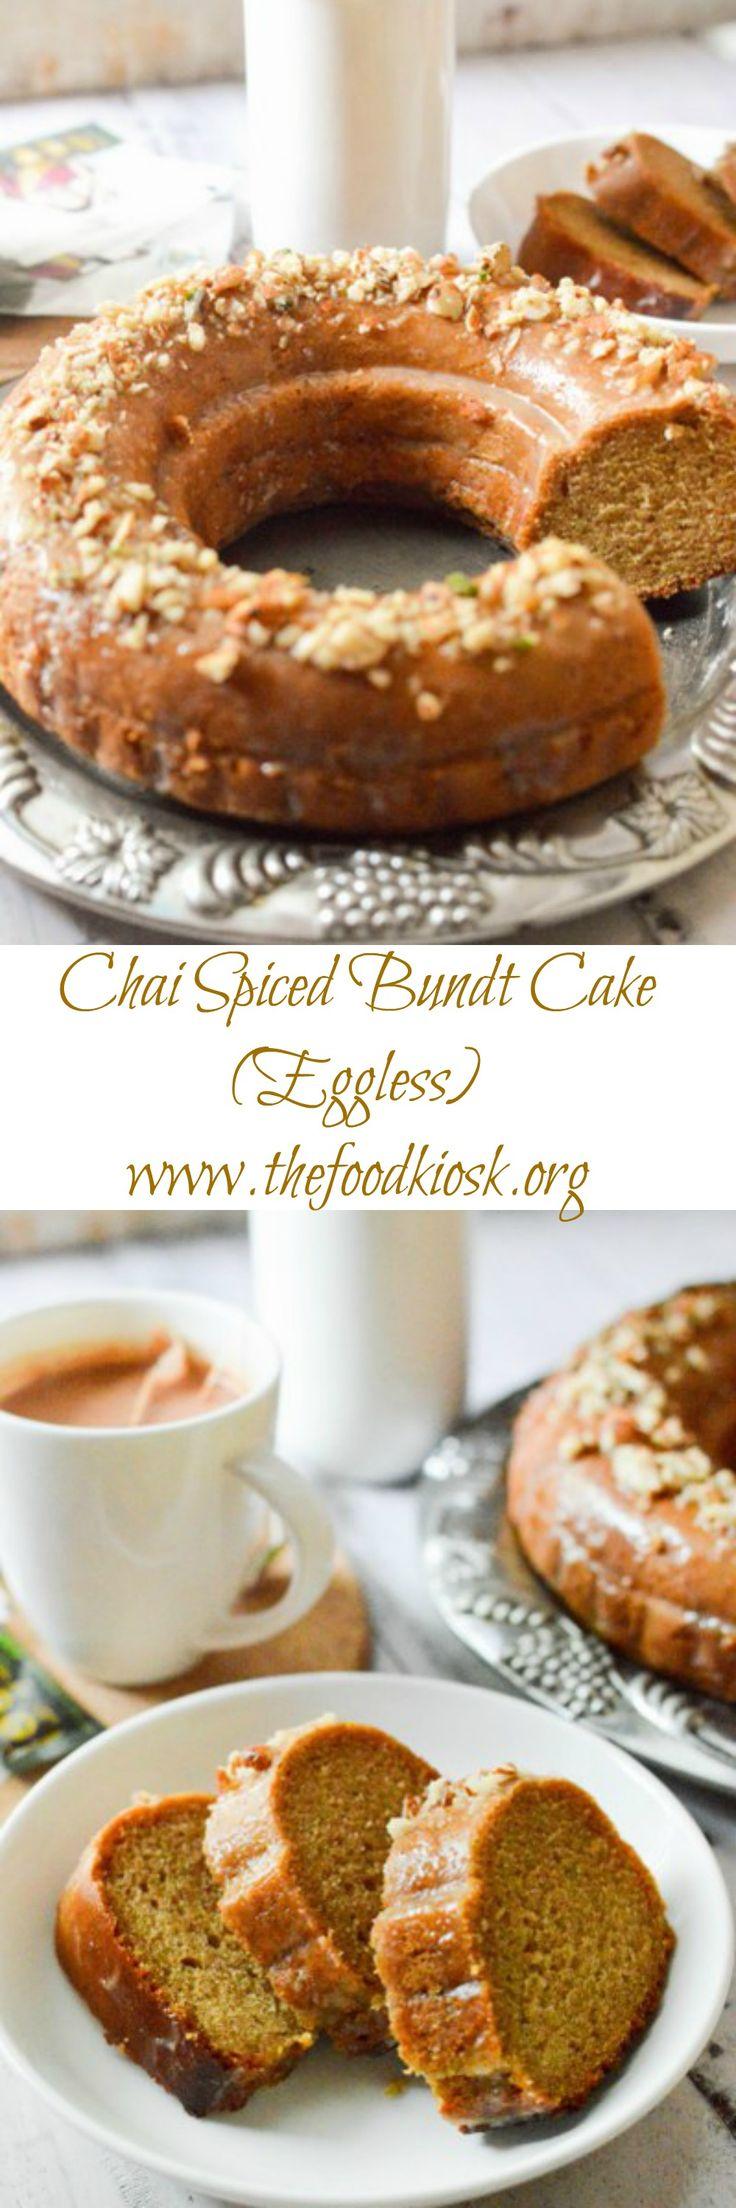 Chai Spiced Bundt Cake